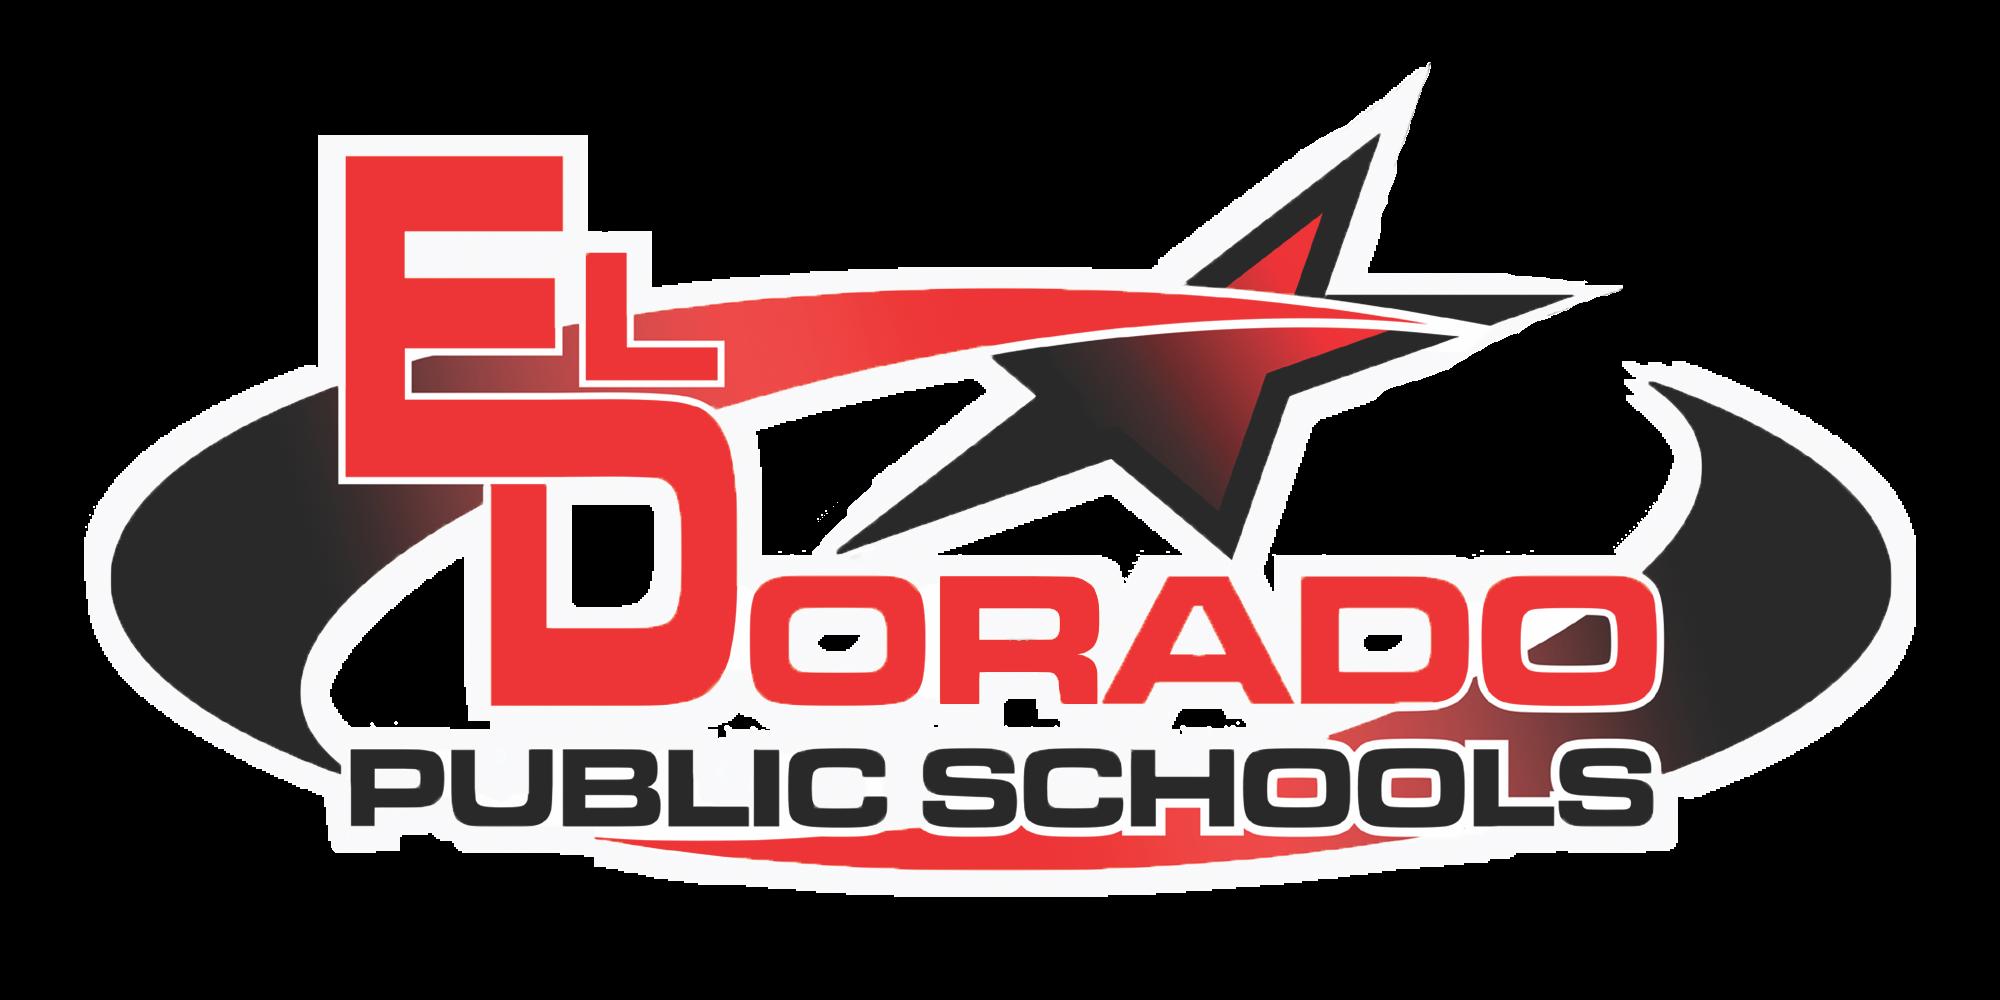 El Dorado Virtual Schools